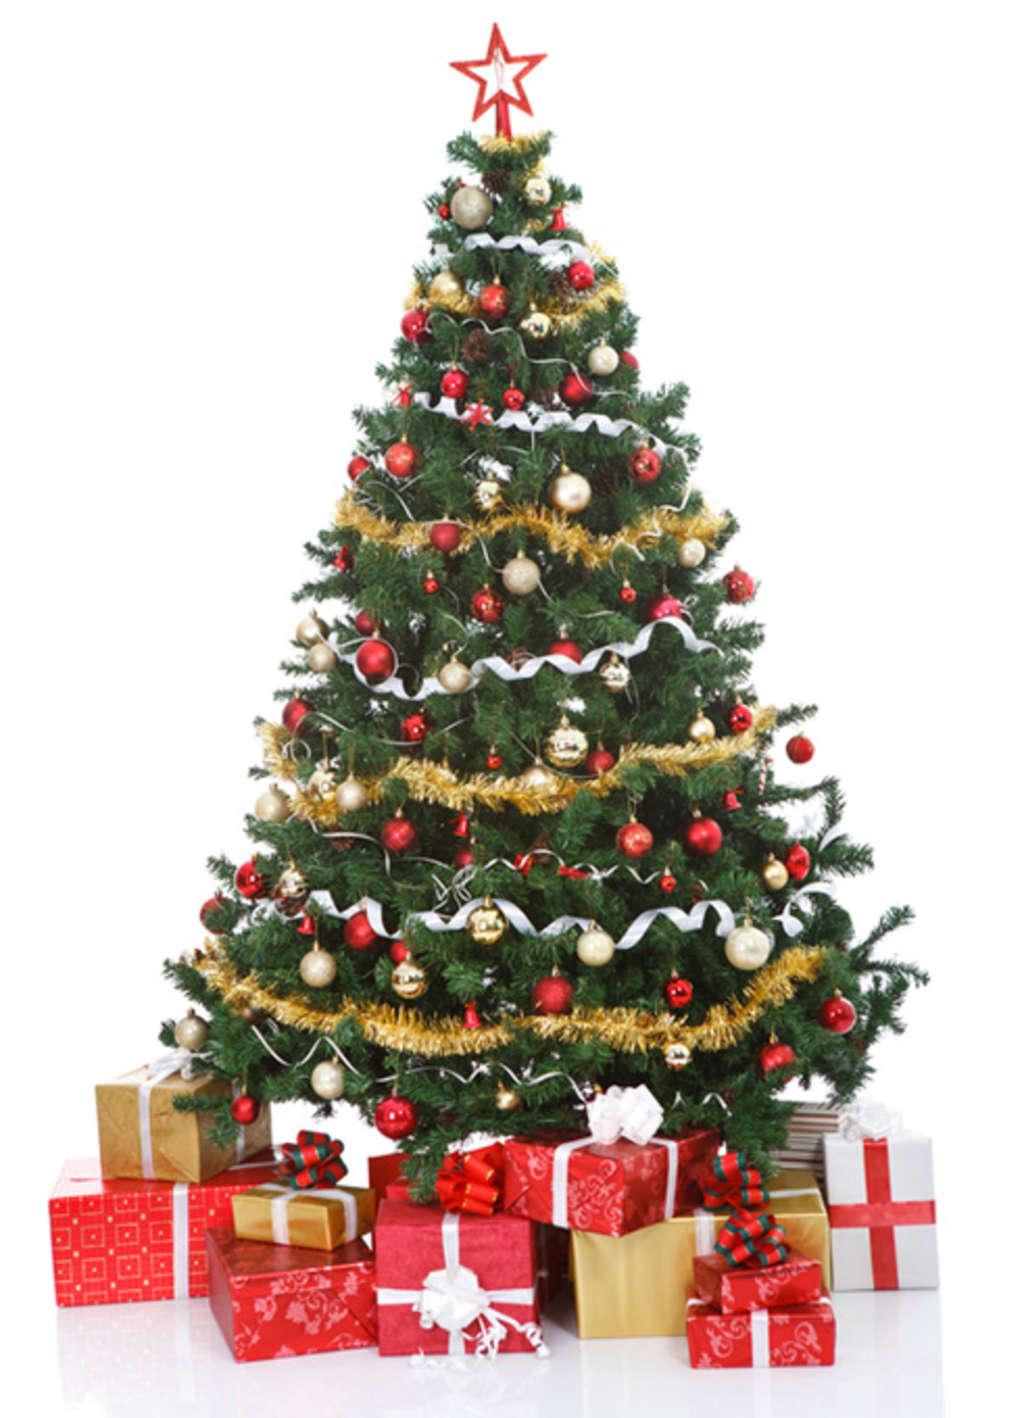 Davos weihnachtsbaum my blog for Weihnachtsbaum vorhang